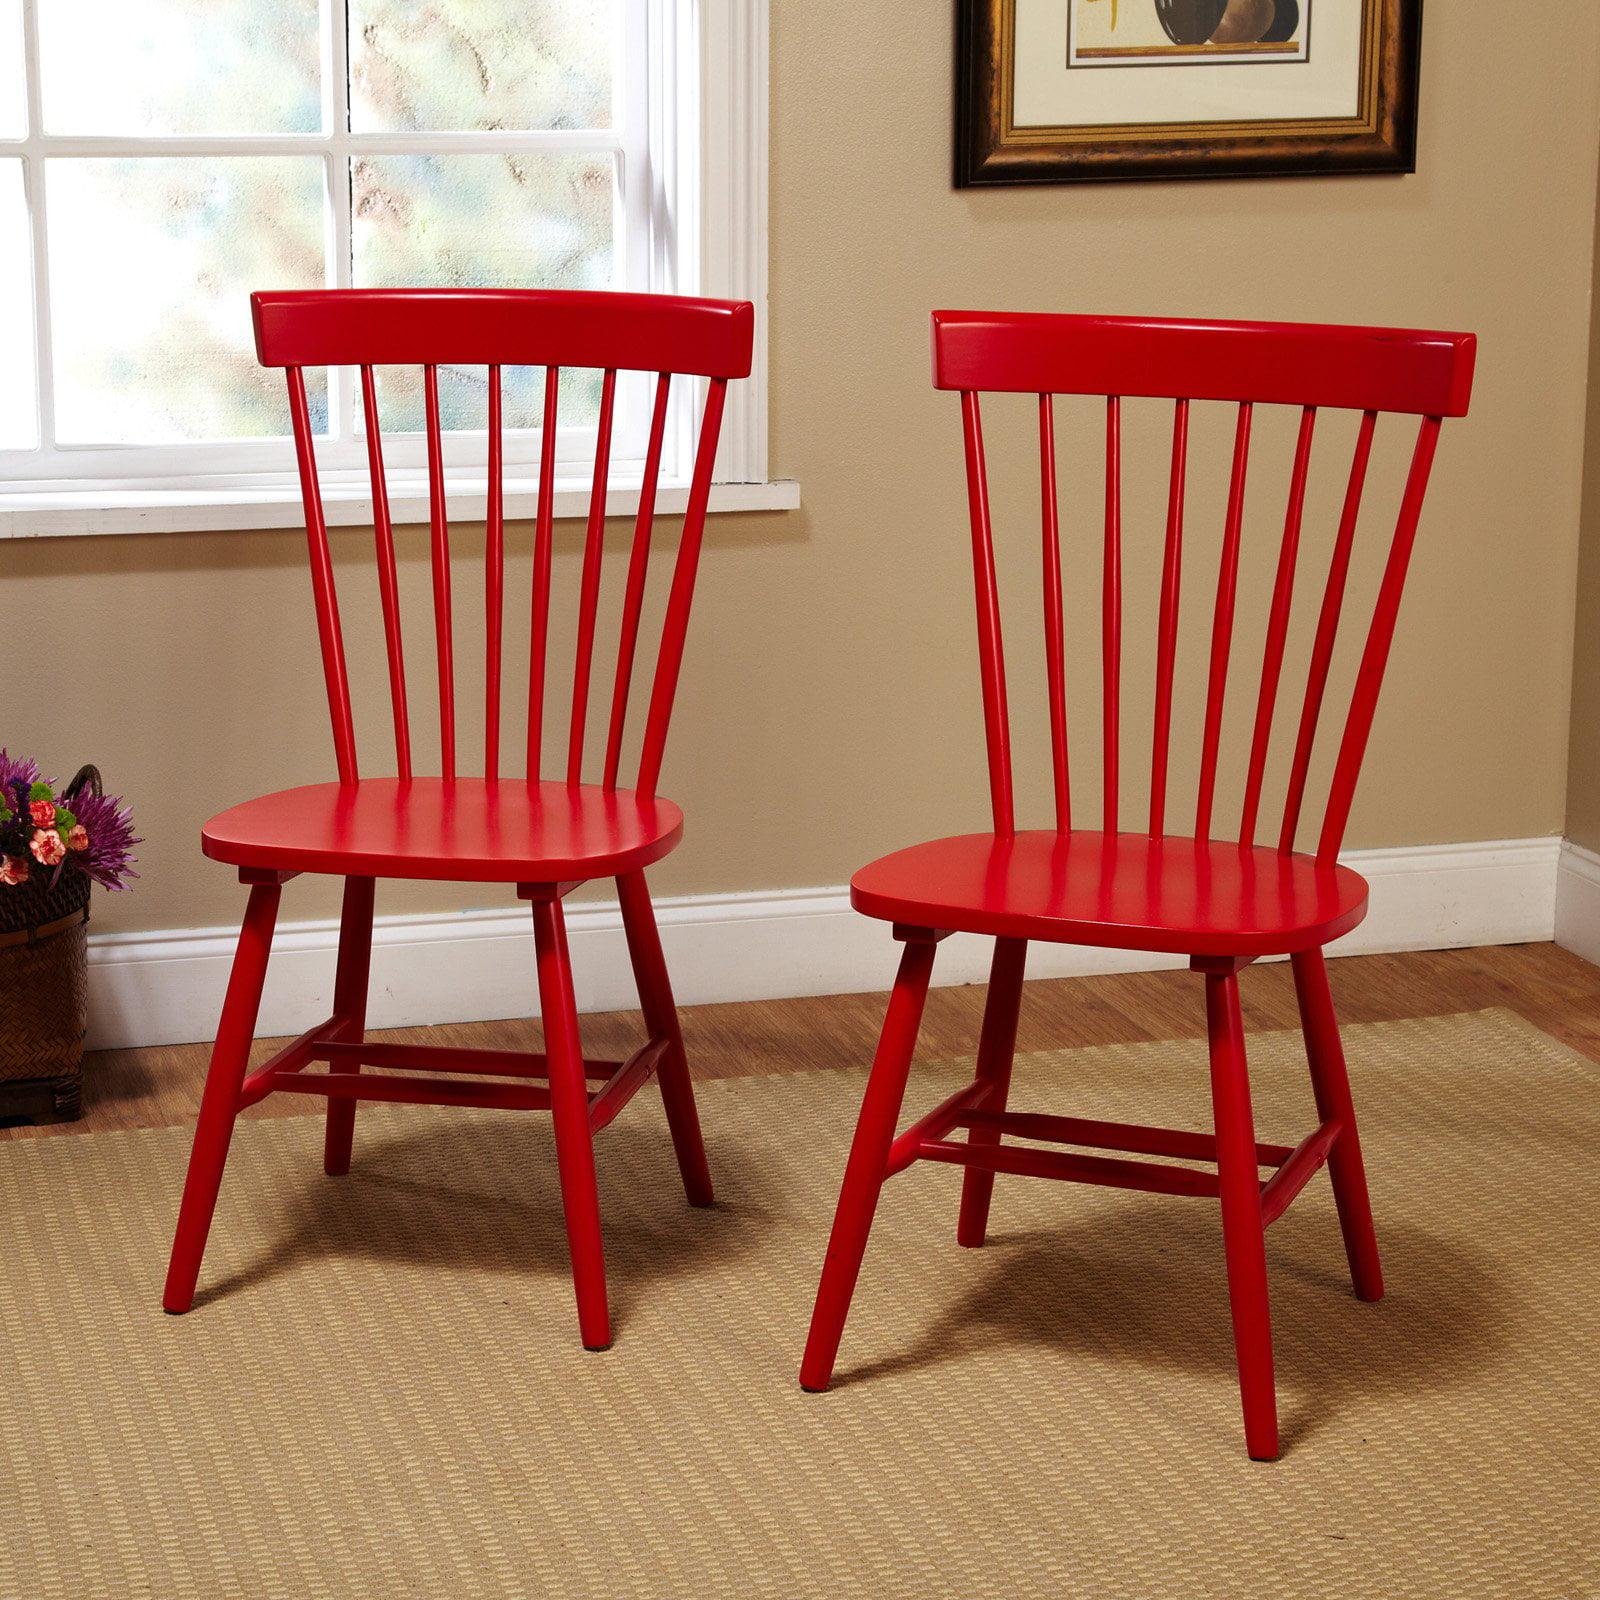 Venice chair set of 2 multiple colors walmart com